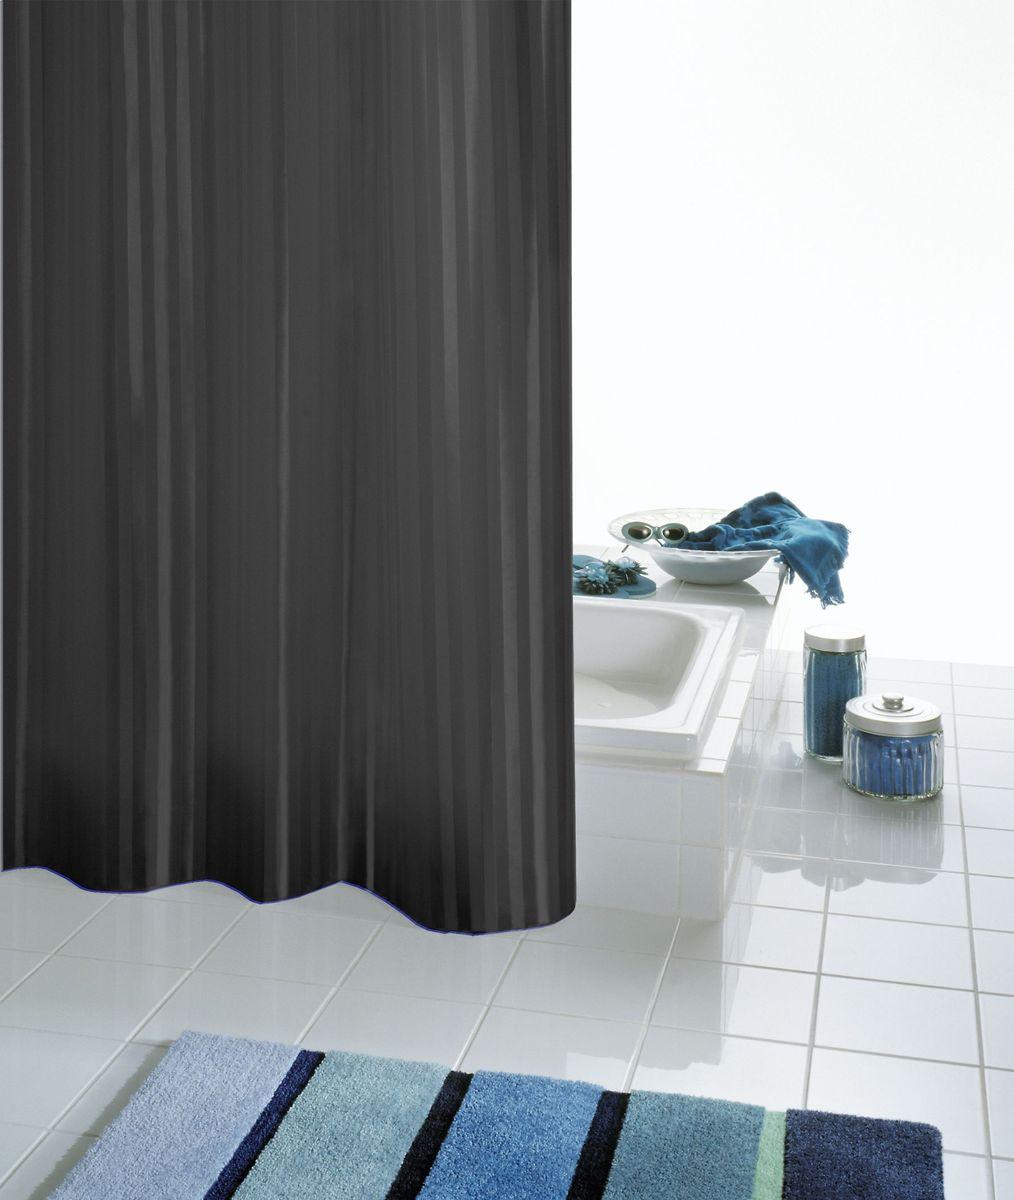 Штора для ванной комнаты Ridder Satin, цвет: черный, 180 х 200 см двойная штора для ванной